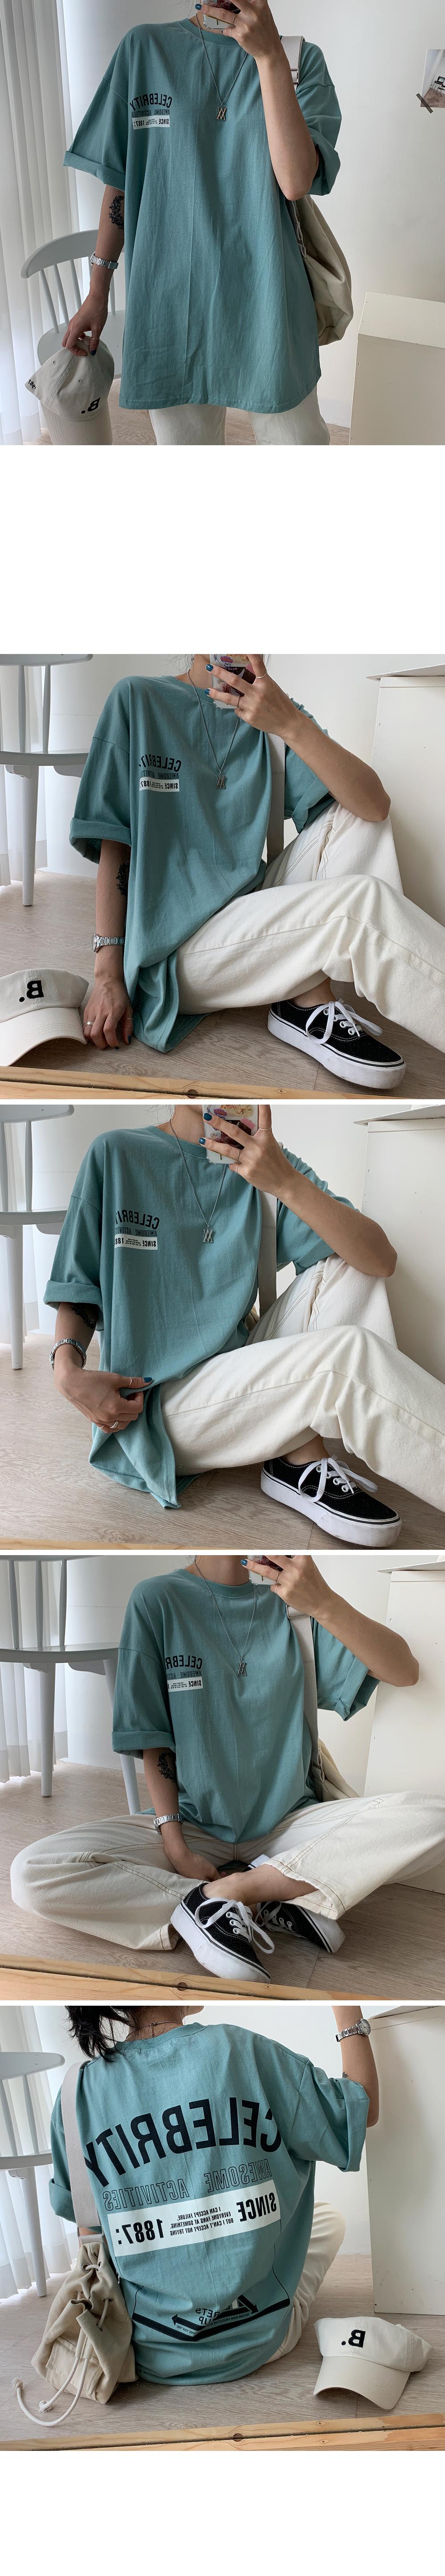 Celebrity Bag Printing Overfit Short Sleeve Tee